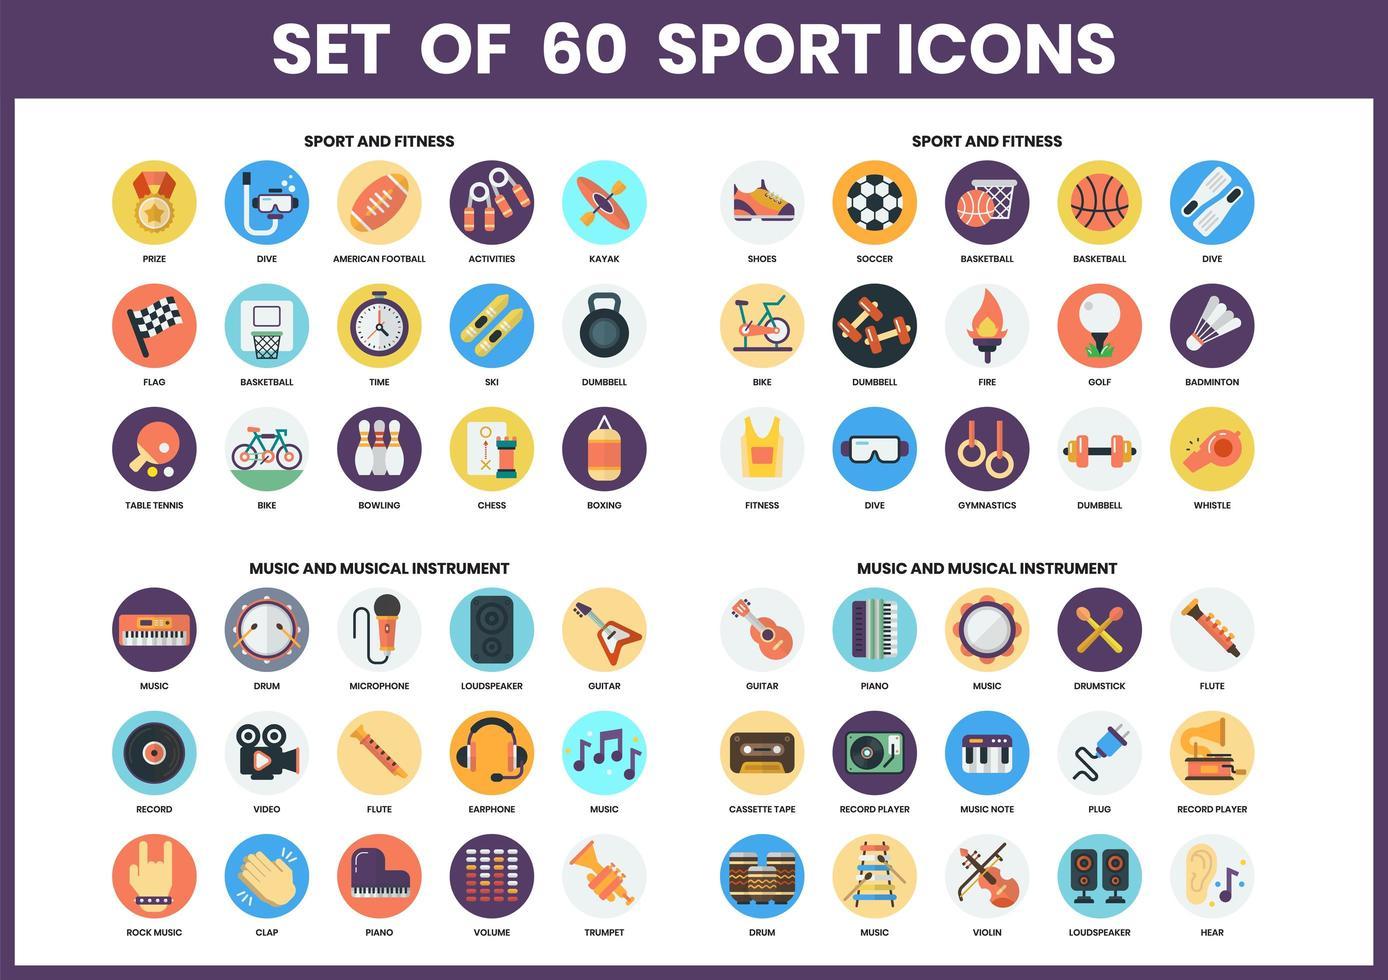 ensemble de 60 icônes de sport, fitness et musique vecteur